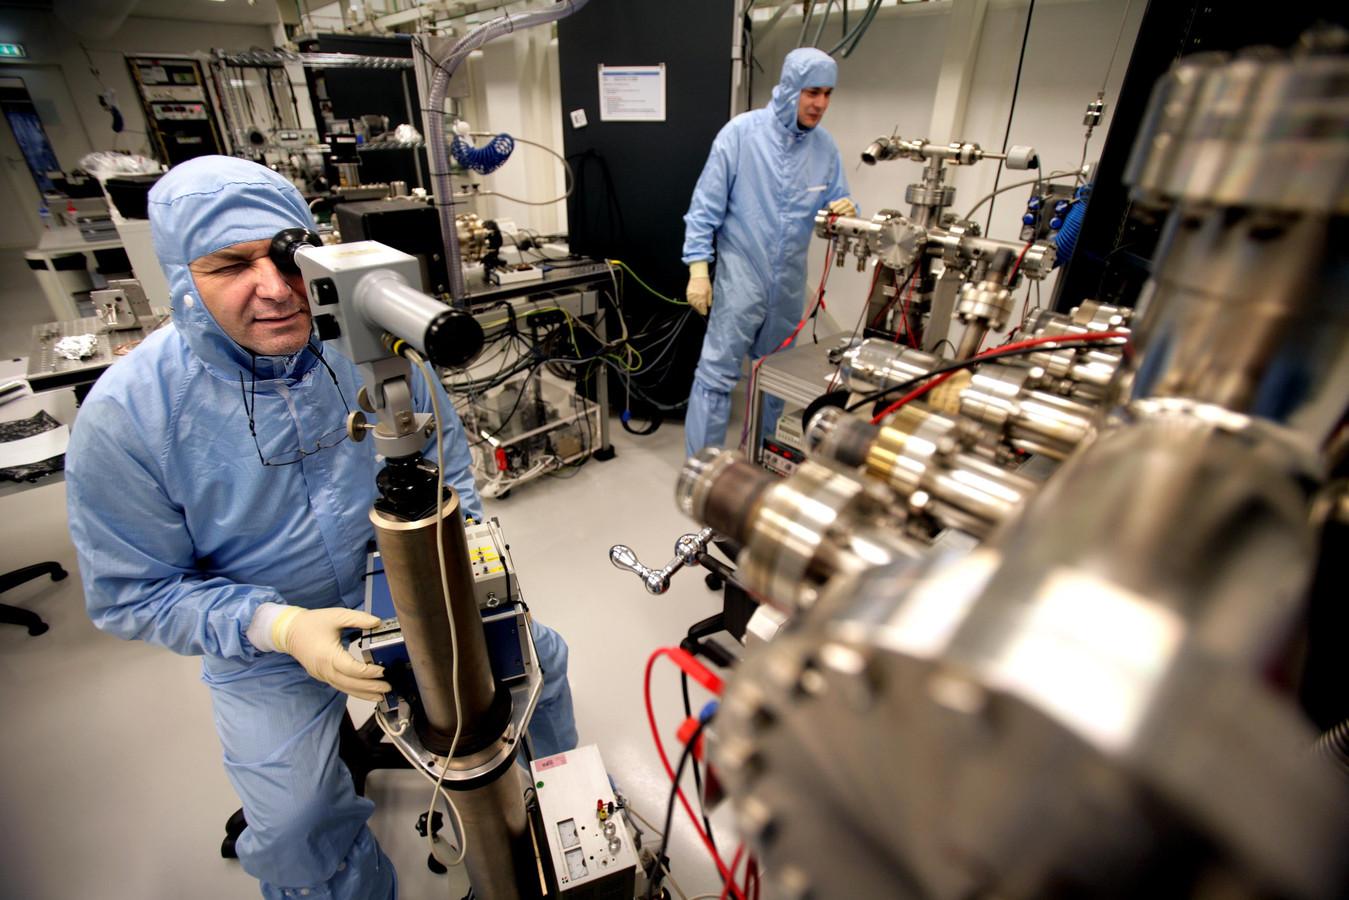 Werknemers van Mapper aan het werk in een productieruimte van het bedrijf in Delft. Archieffoto